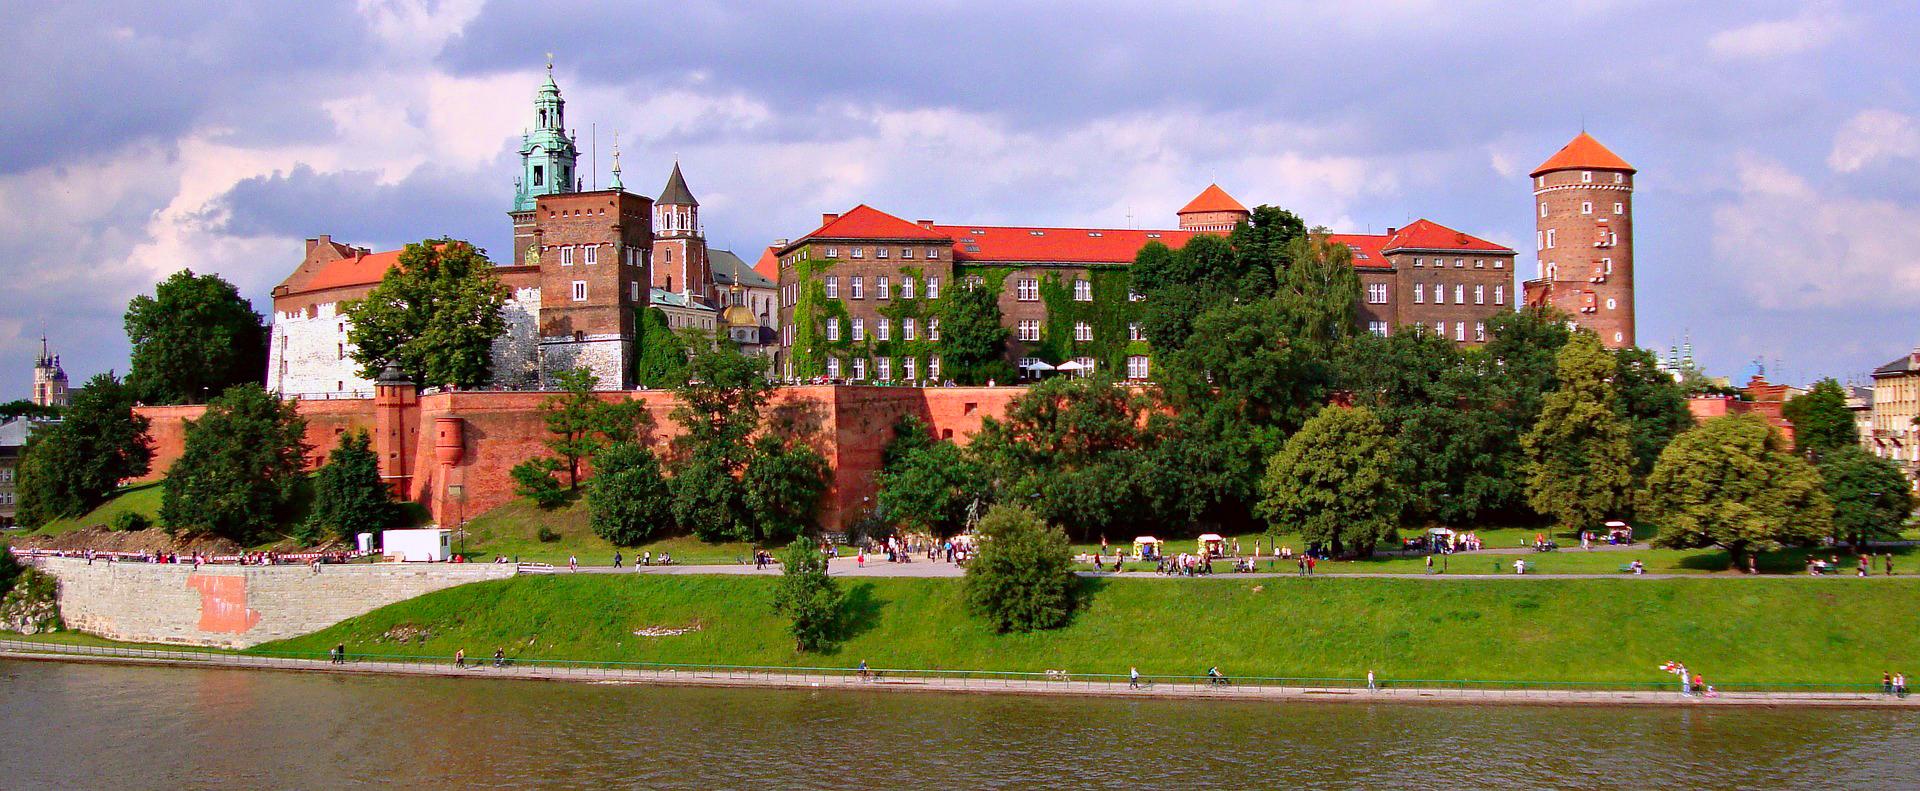 Qué ver en Cracovia, Krakow, Polonia, Poland qué ver en cracovia - 38652463910 d755288a6b o - Qué ver en Cracovia, Polonia